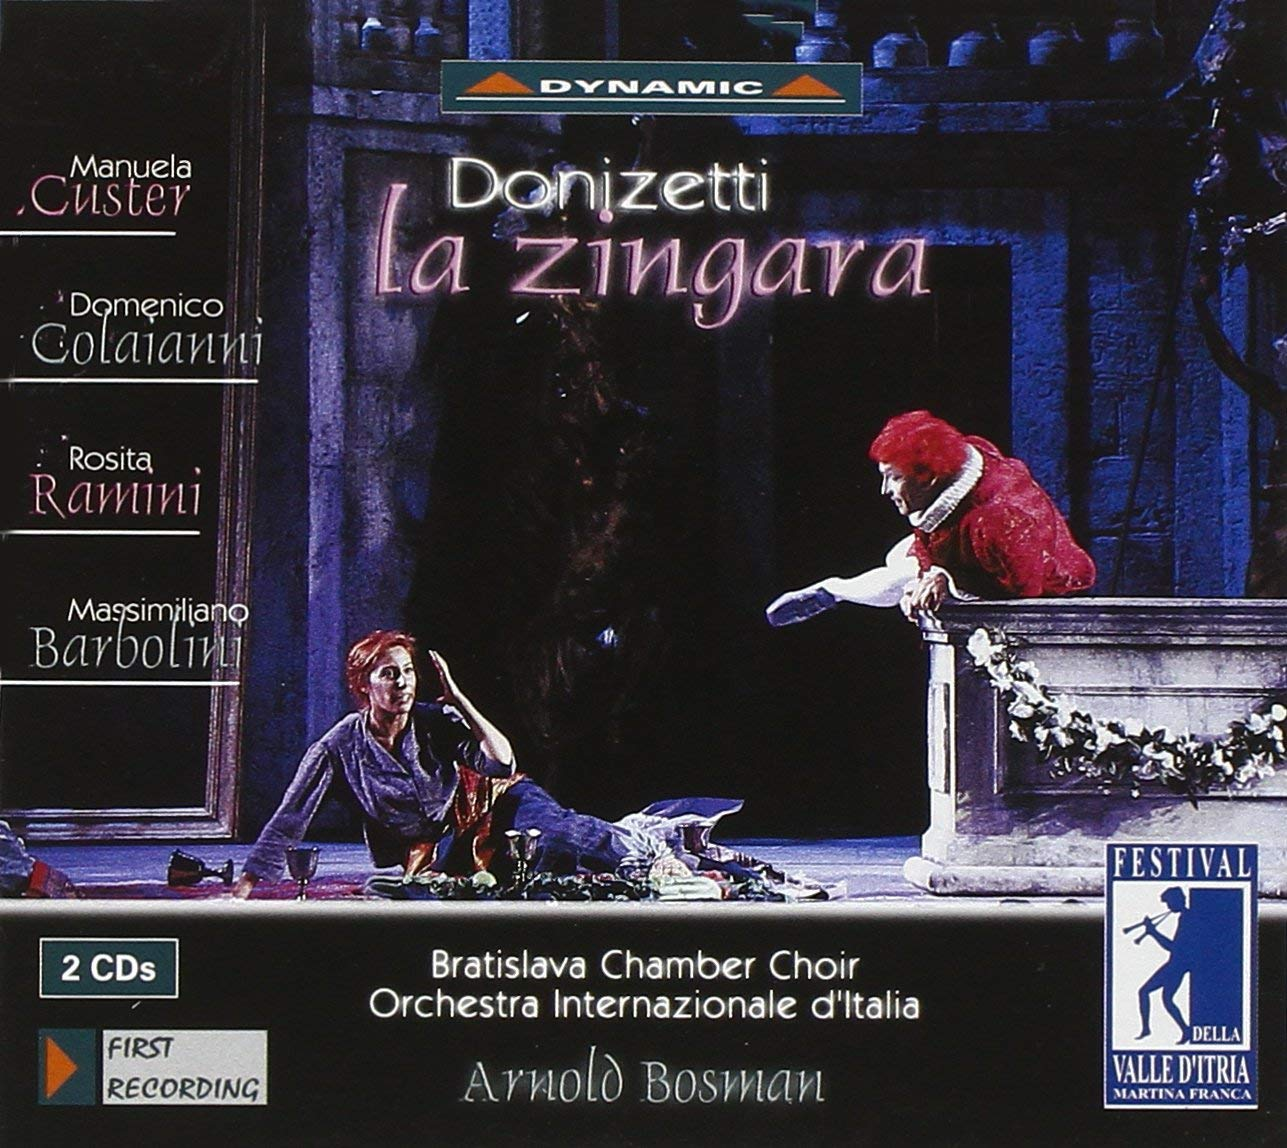 Donizetti - Custer, Colaianni, Ramini, Barbolini, Arnold Bosman La Zingara